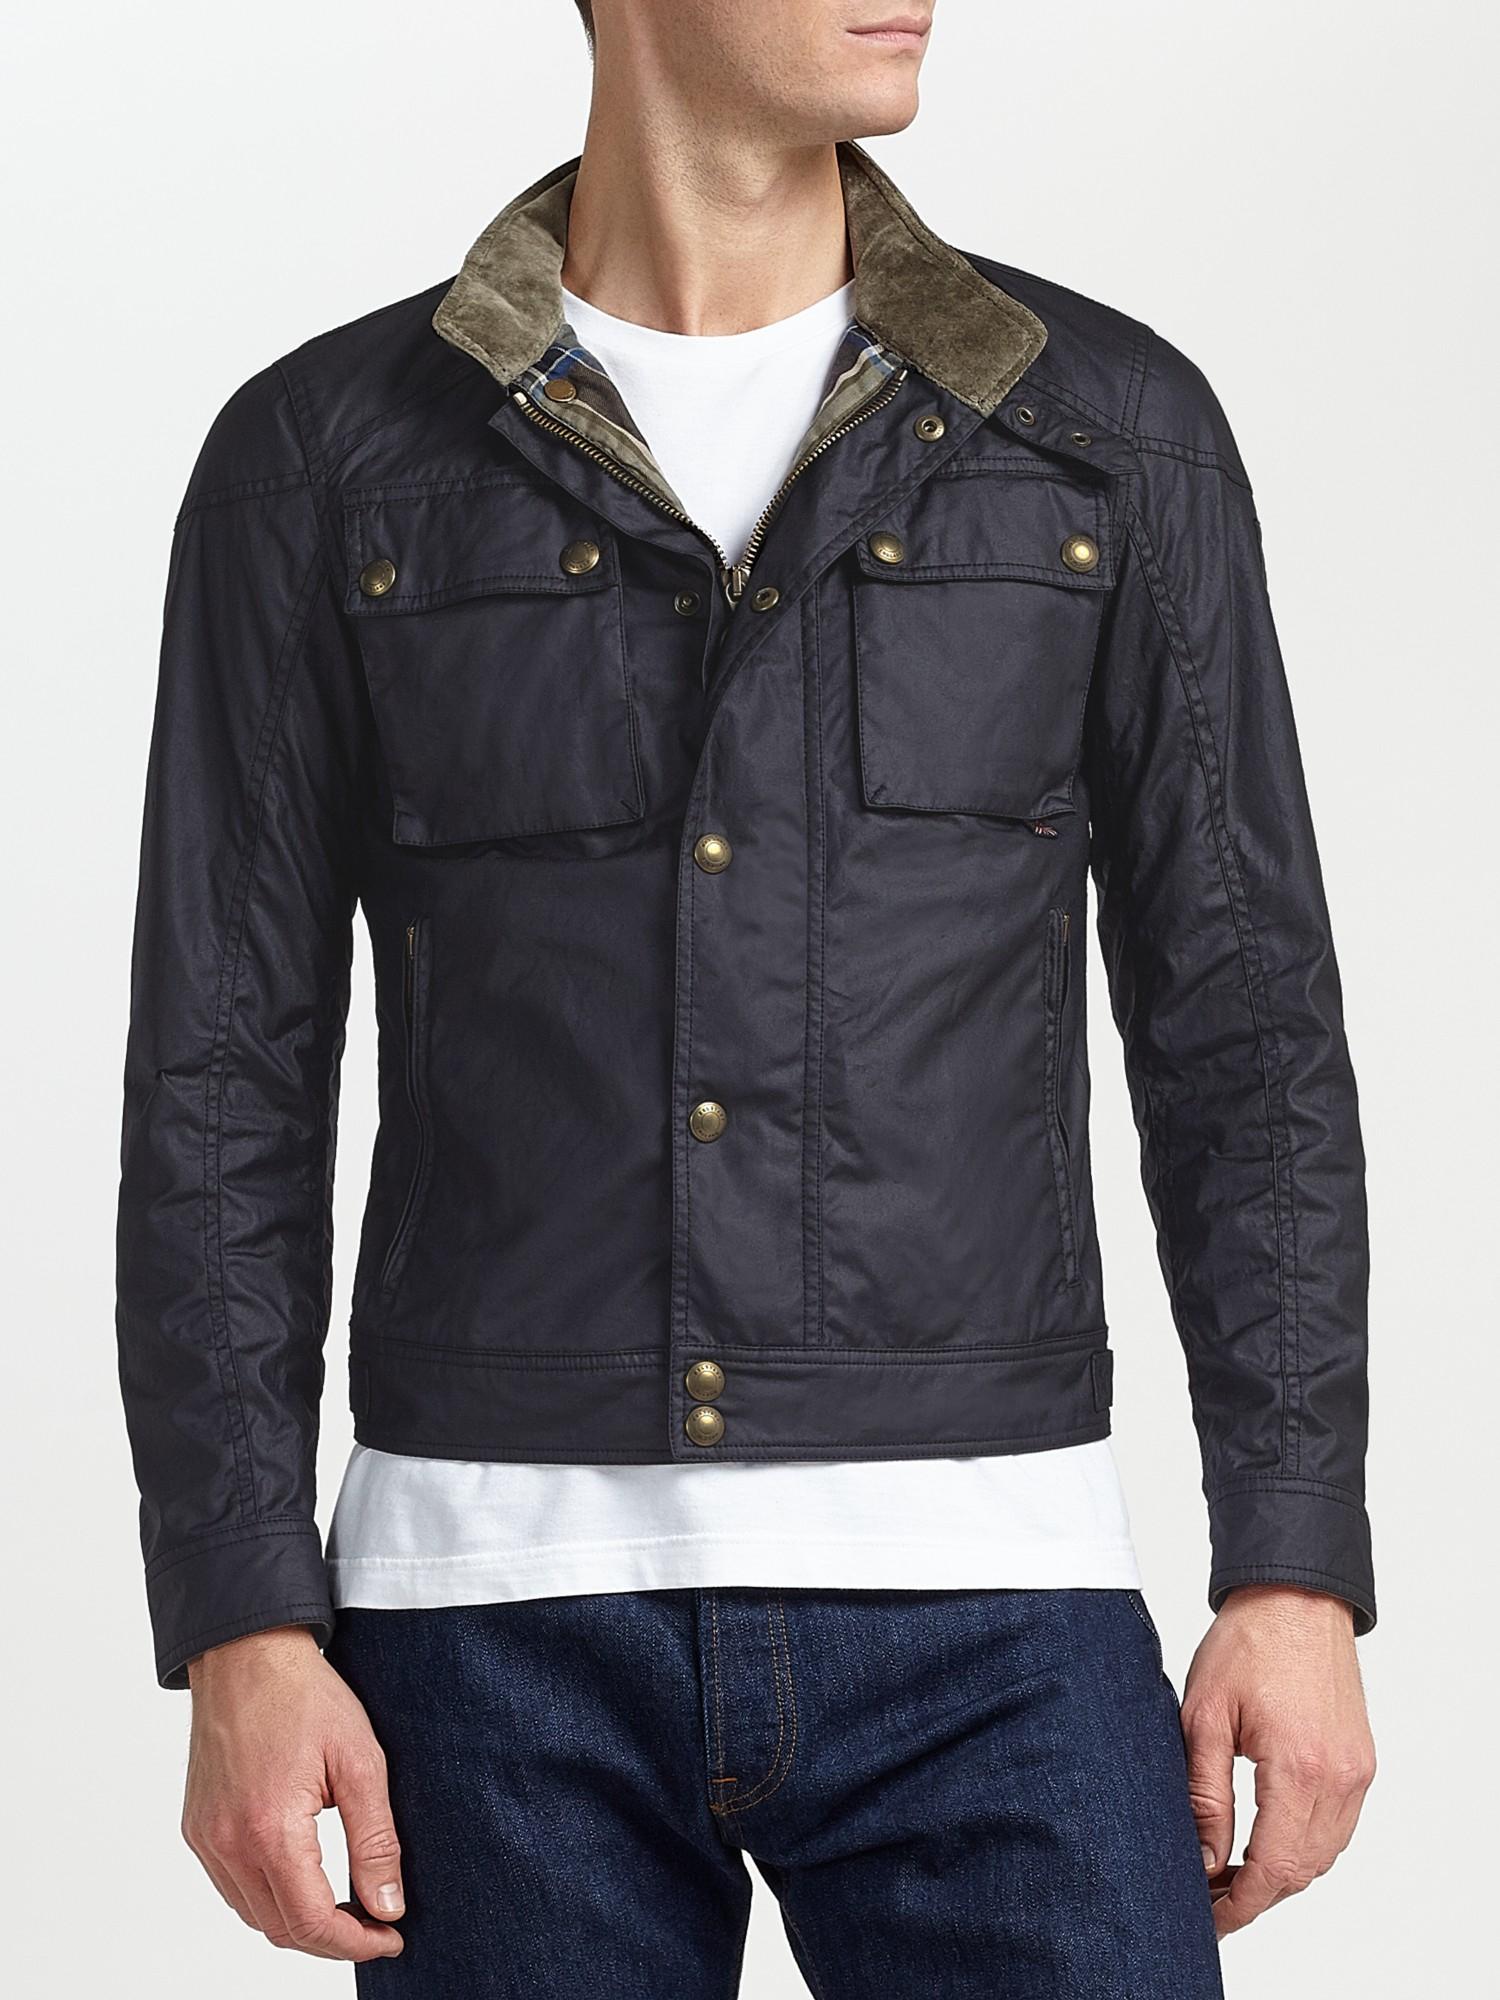 Belstaff Racemaster Blouson Waxed Jacket In Black For Men